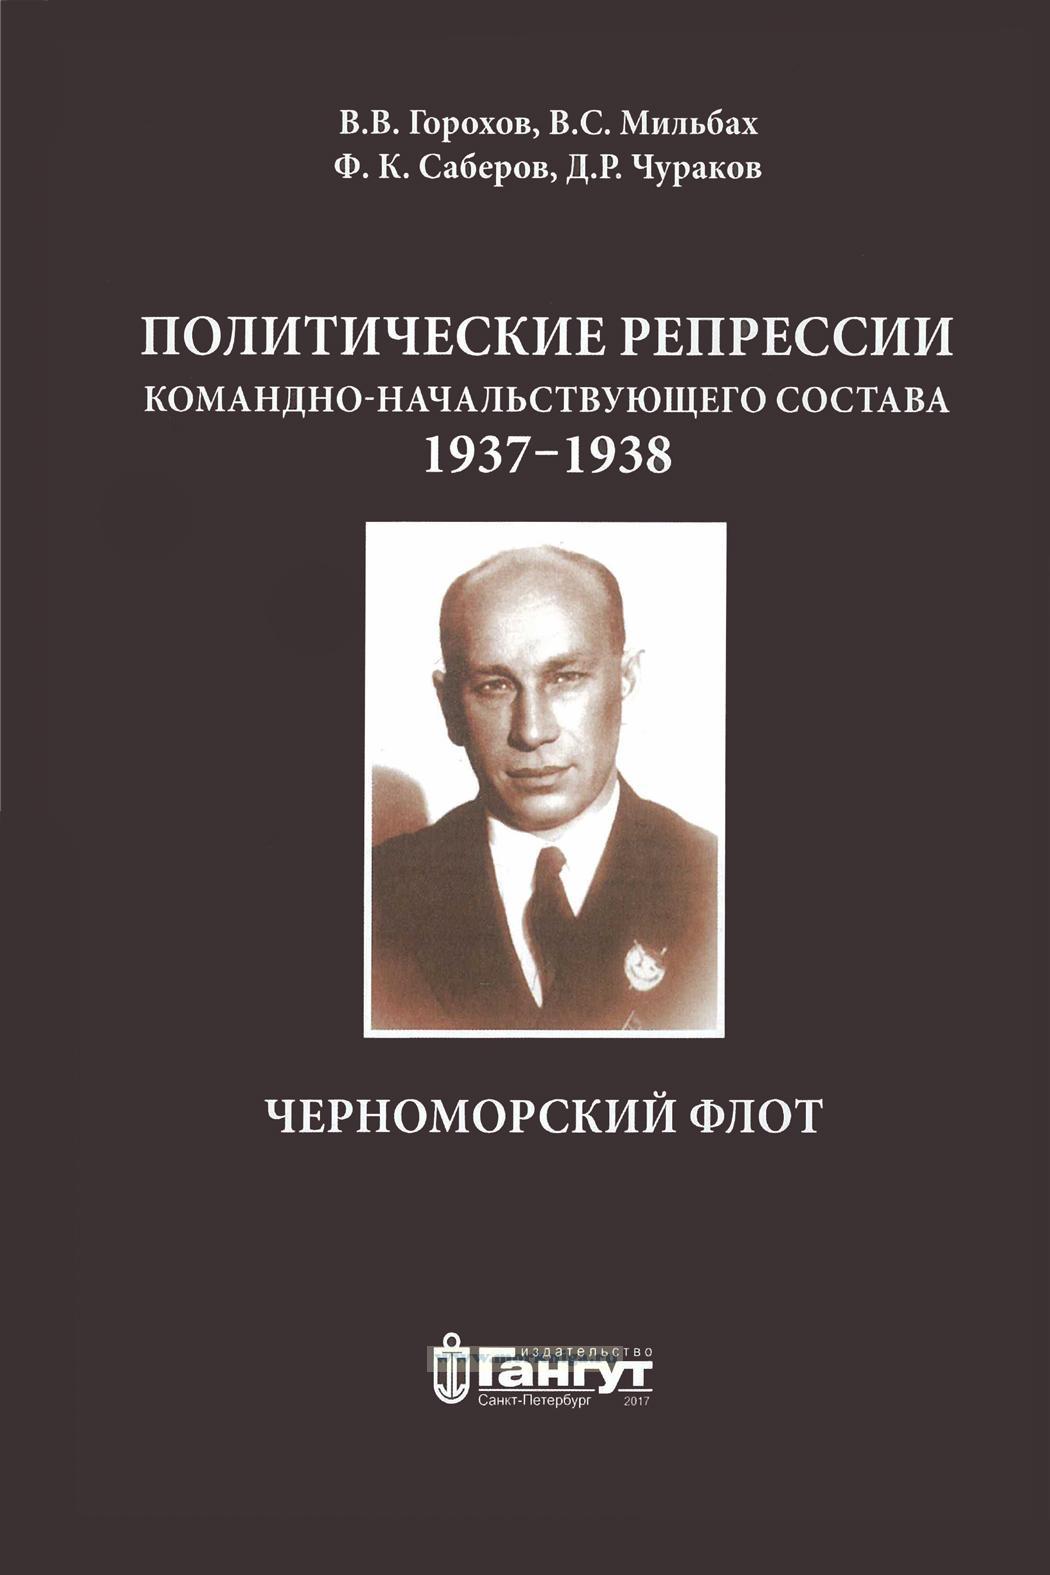 Политические репрессии командно-начальствующего состава. 1937-1938 гг. Черноморский флот